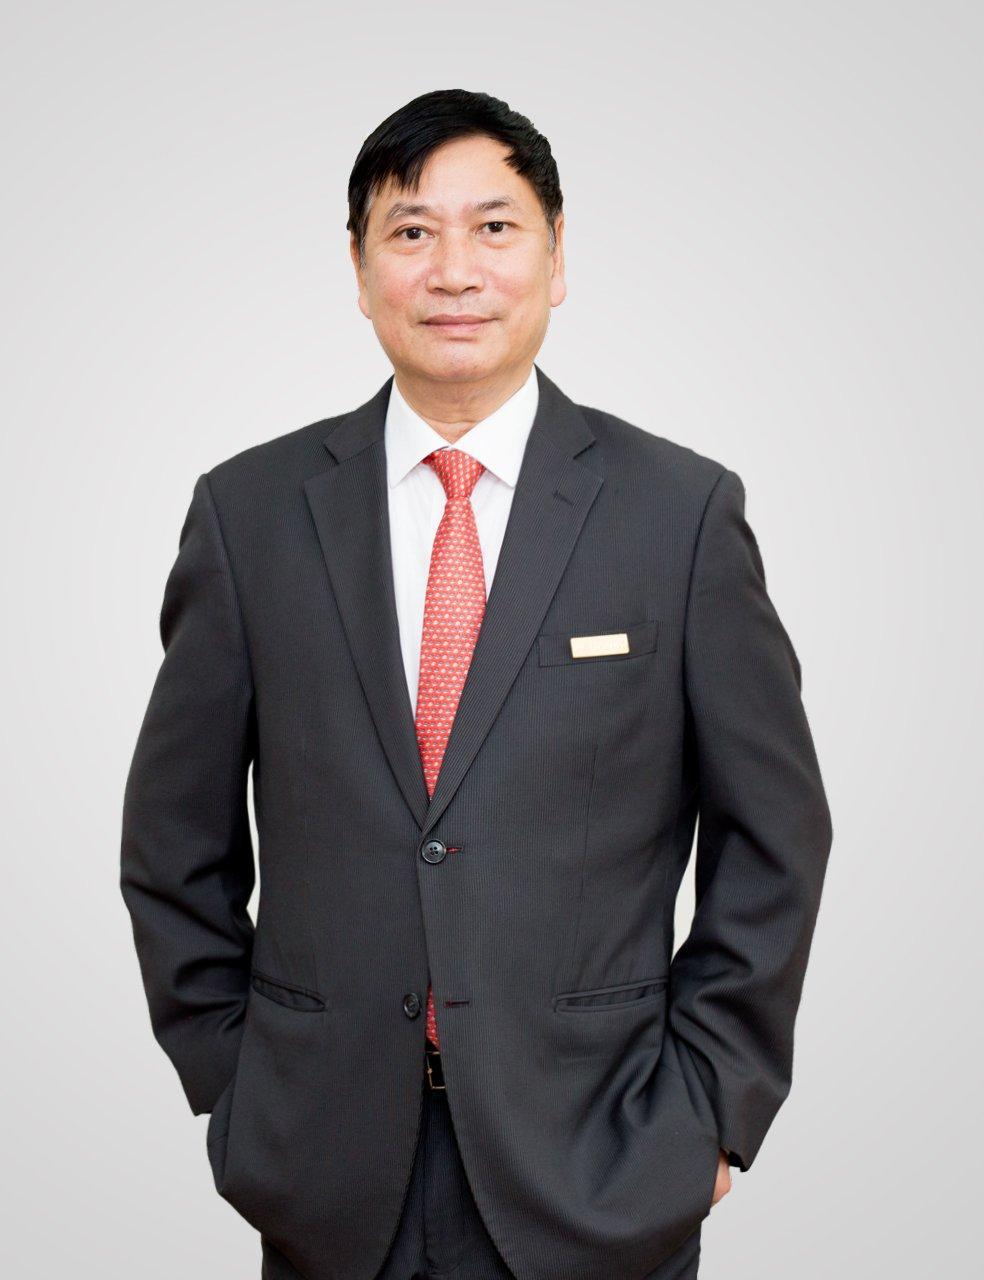 Nguyễn Danh Lương